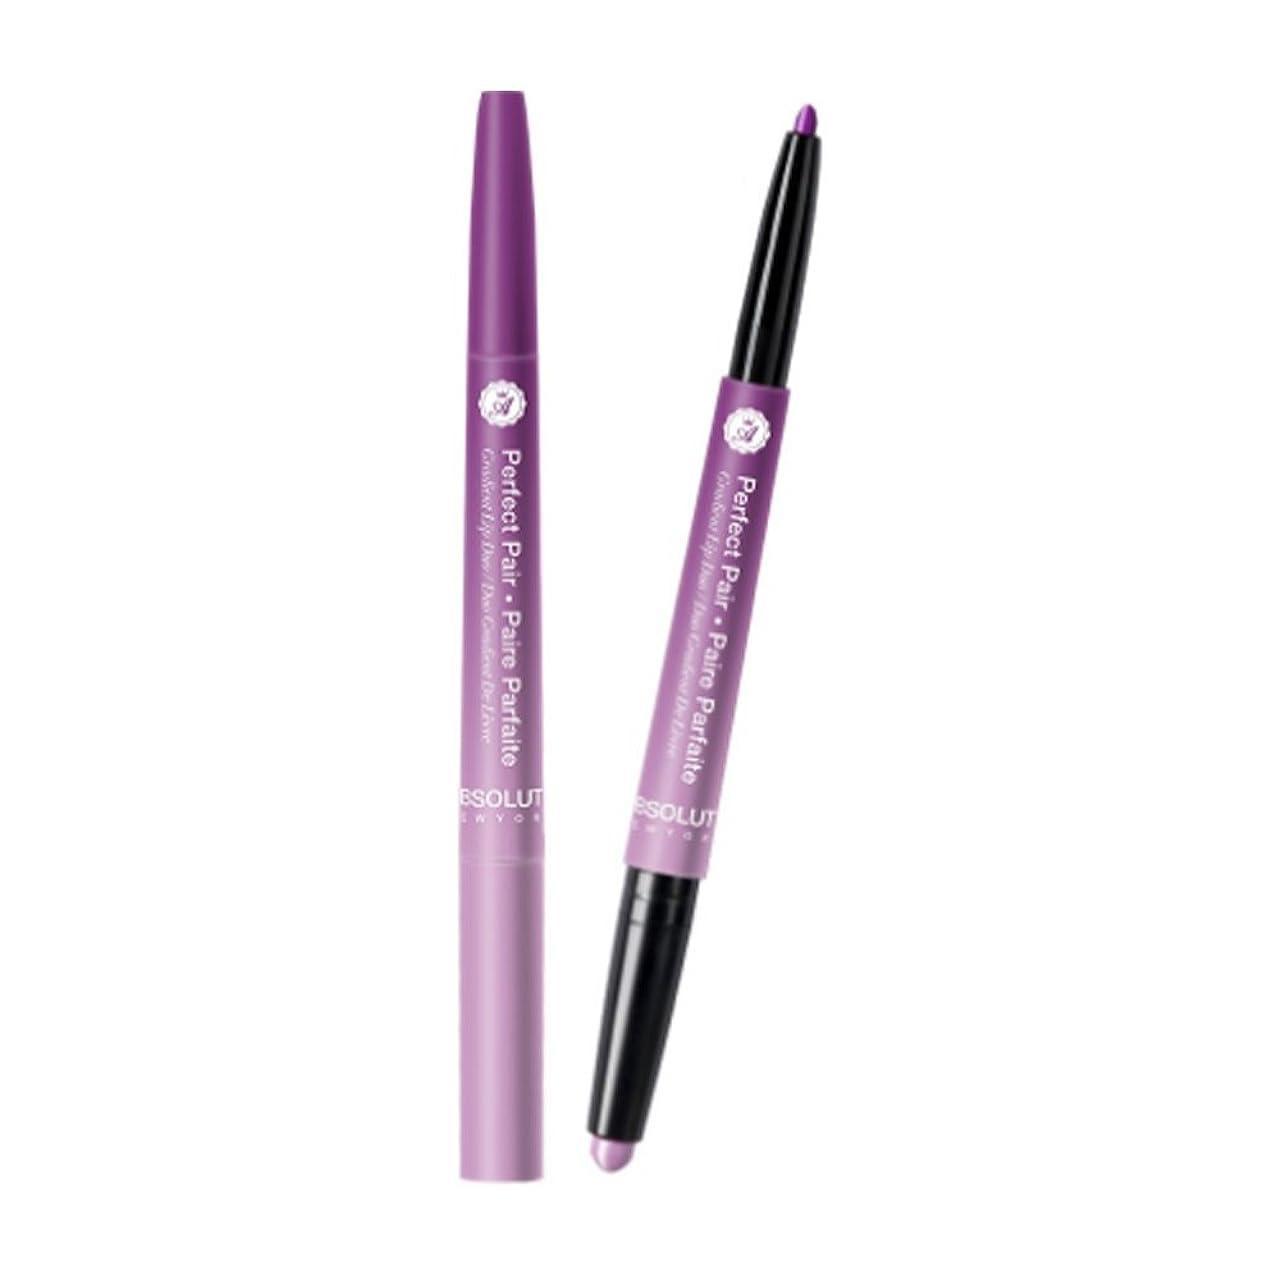 耕す電化する少ない(6 Pack) ABSOLUTE Perfect Pair Lip Duo - Lush Lilac (並行輸入品)